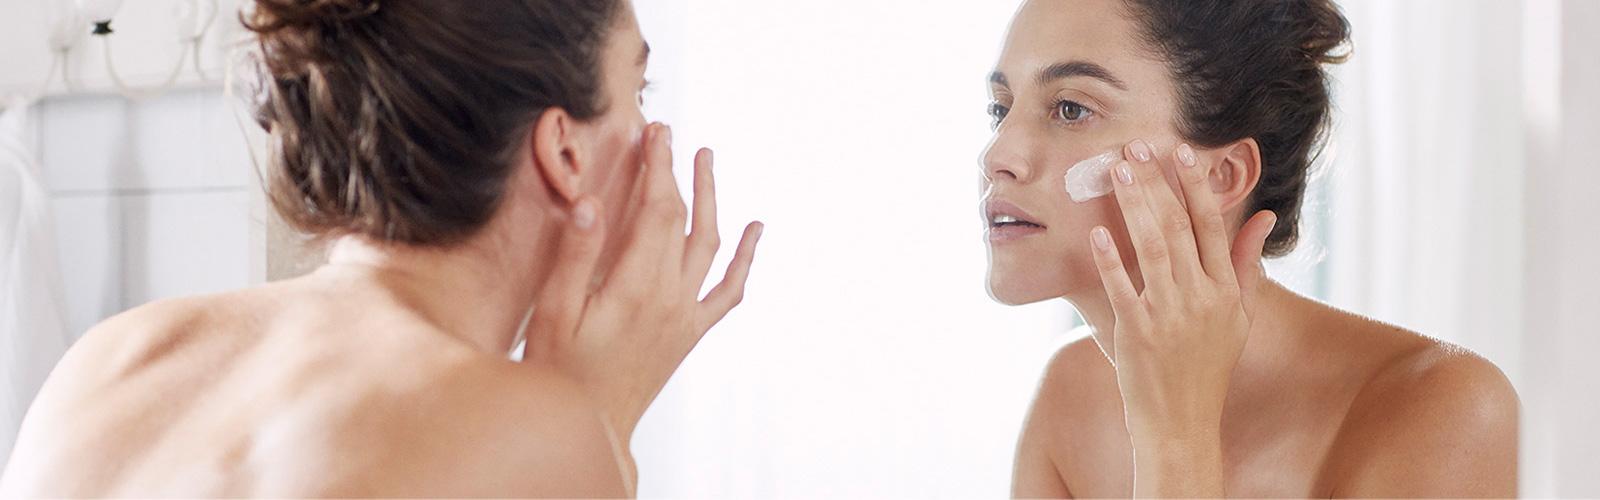 Eine Frau, die ihr Gesicht mit Feuchtigkeit versorgt